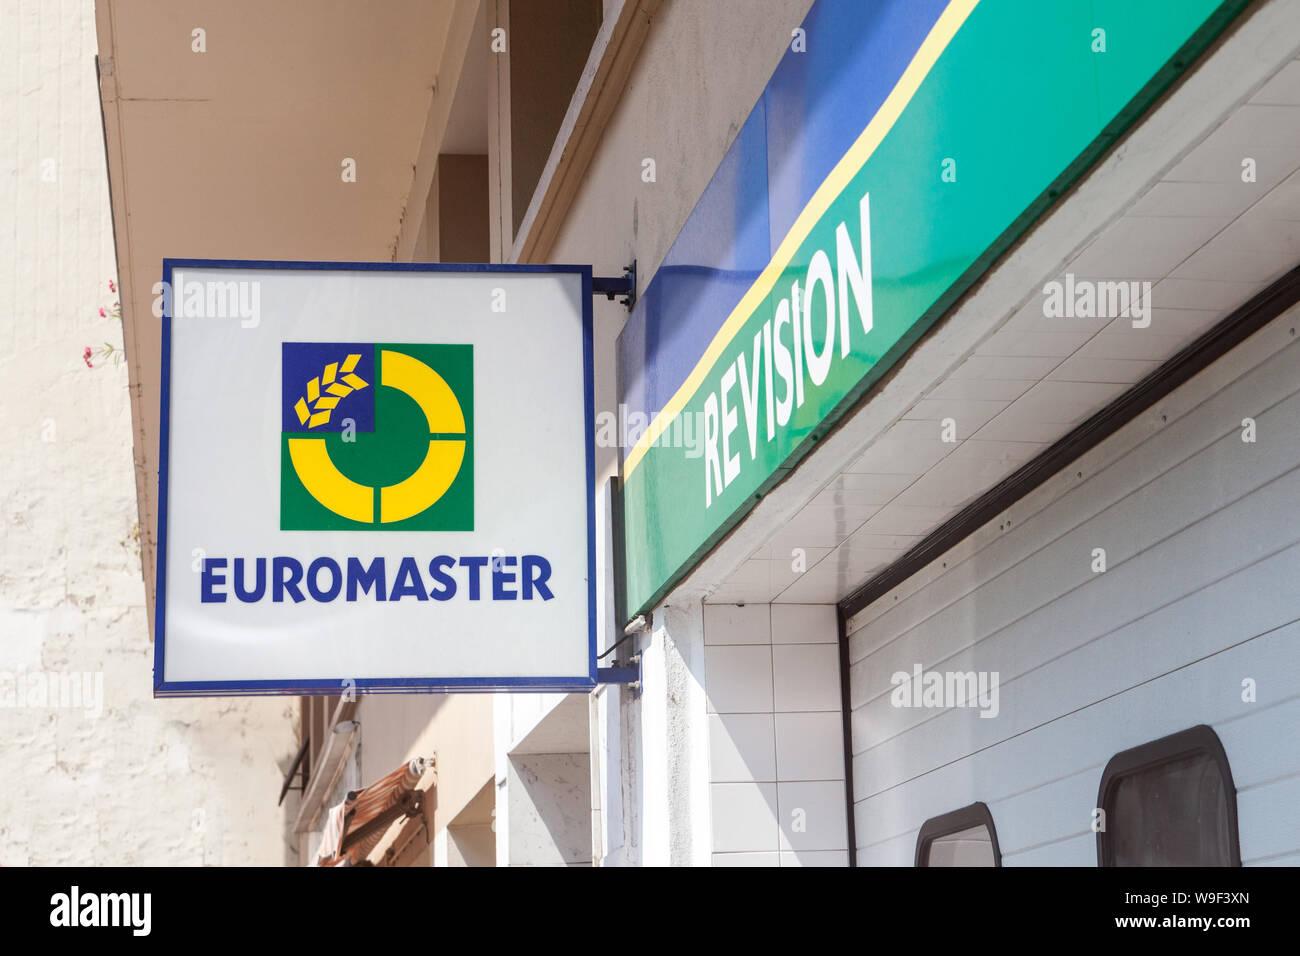 LYON, FRANCIA - 15 de julio de 2019: Euromaster logo en la parte delantera de su distribuidor local garaje en Lyon. Parte de Michelin, Euromaster es una cadena de neumático distrib Foto de stock